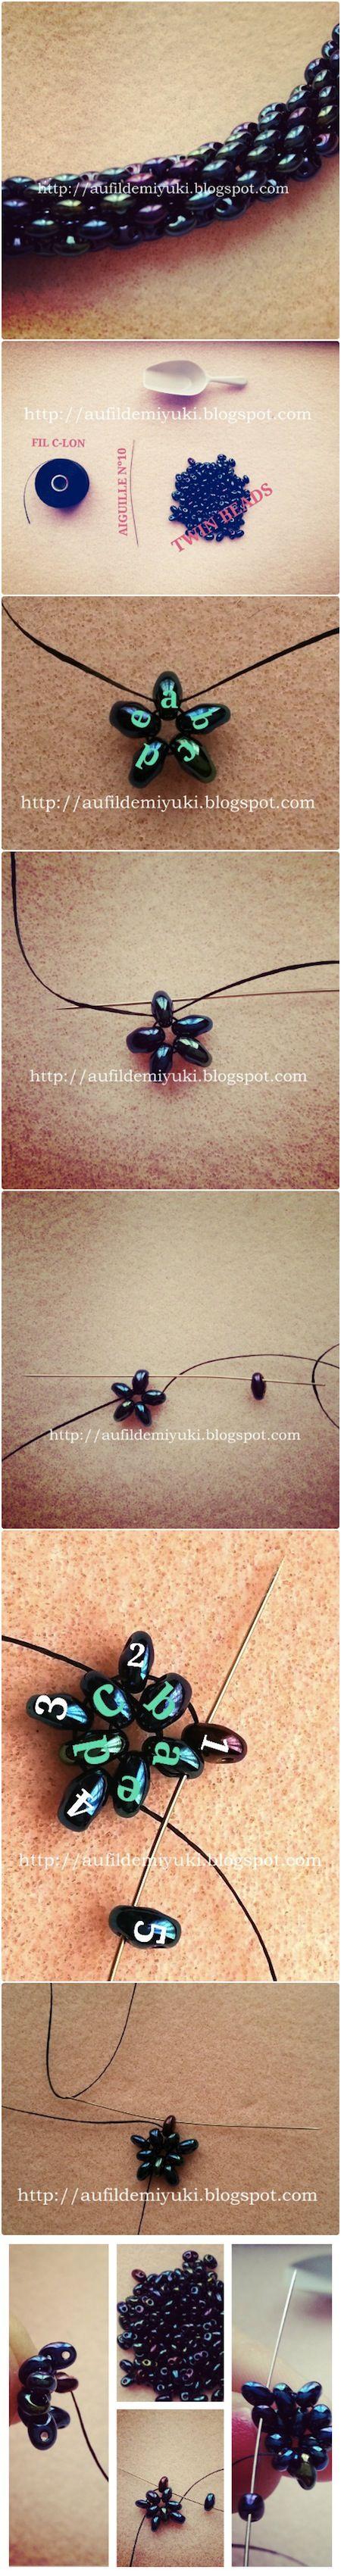 Superduo (twin hole) bead rope - tubular peyote - tutorial